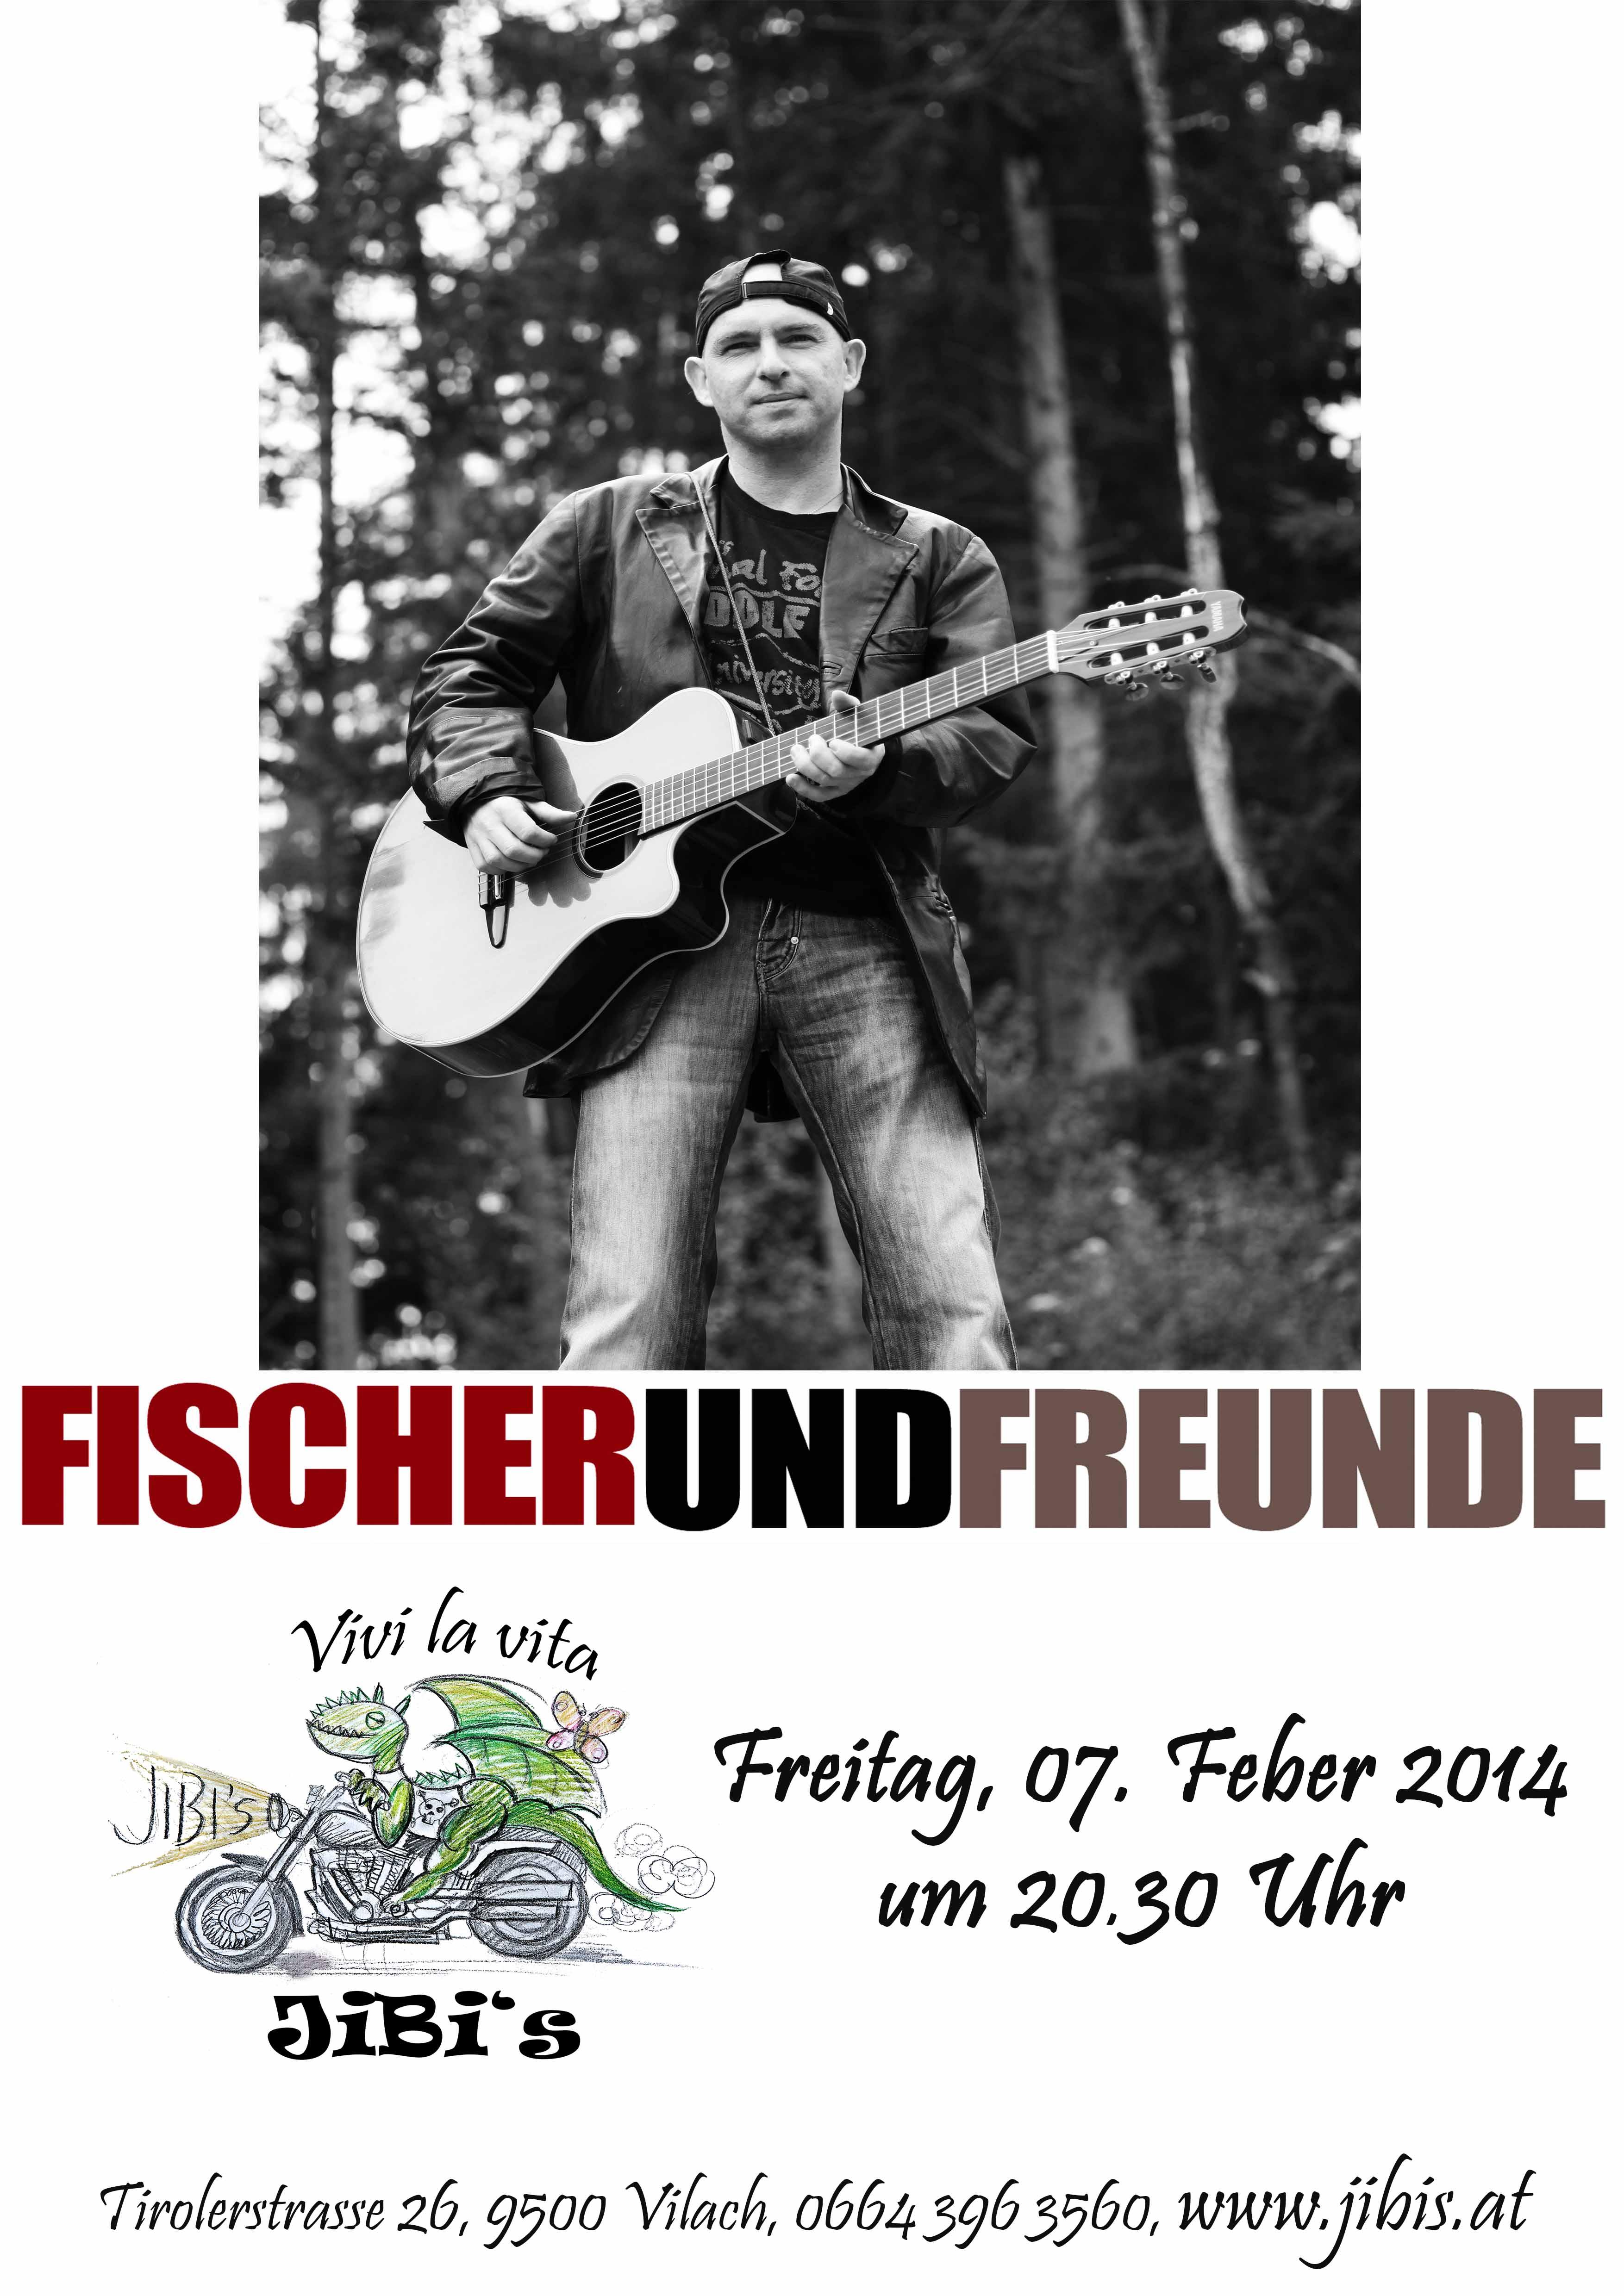 fischer_freunde_klein